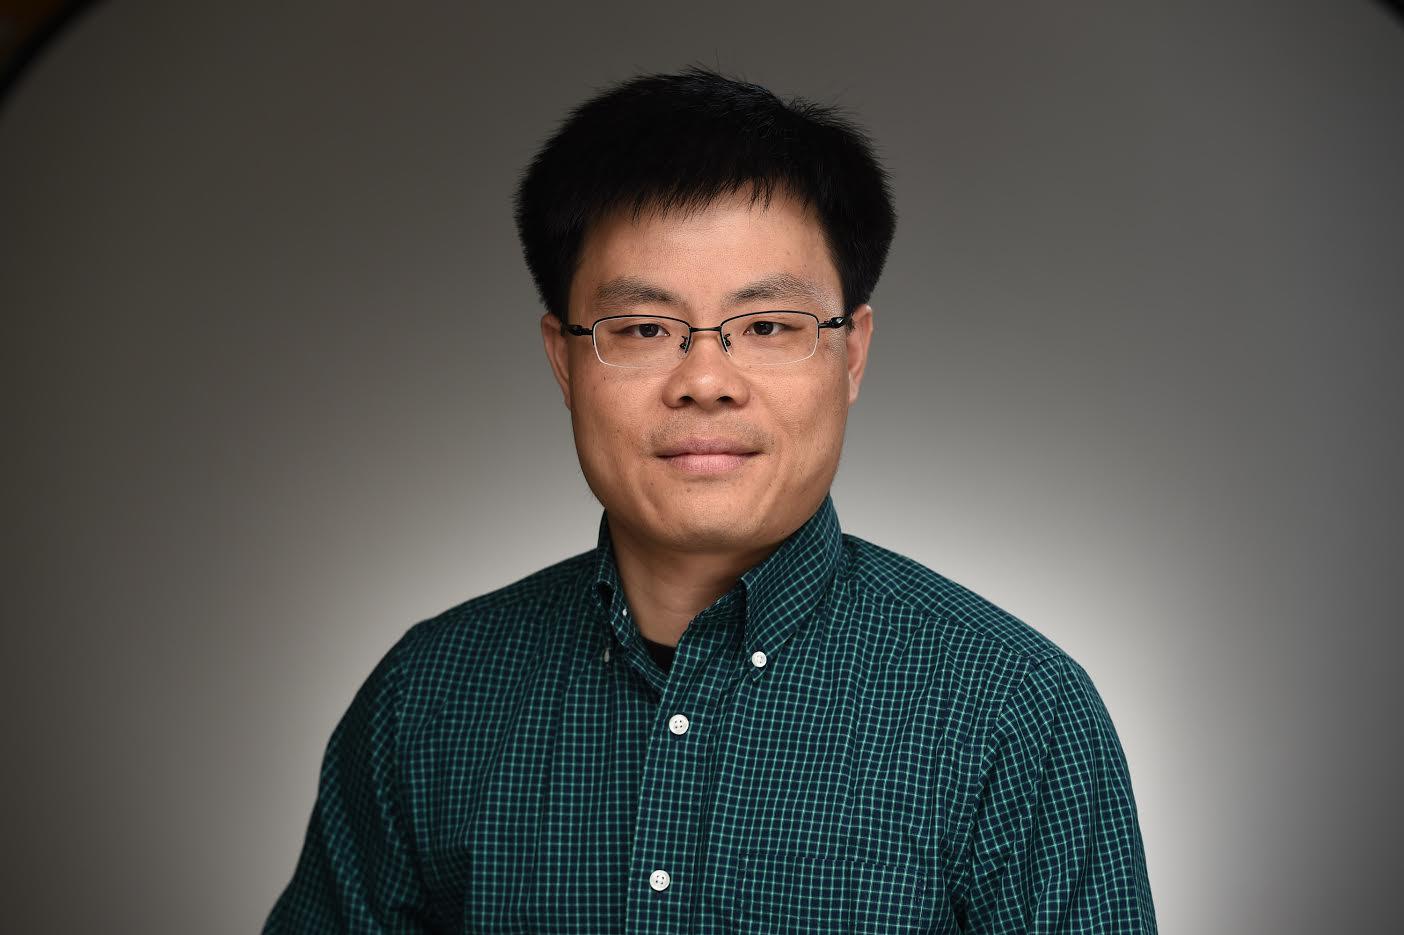 美国圣母大学教授李俊加盟百融金服任首席科学家